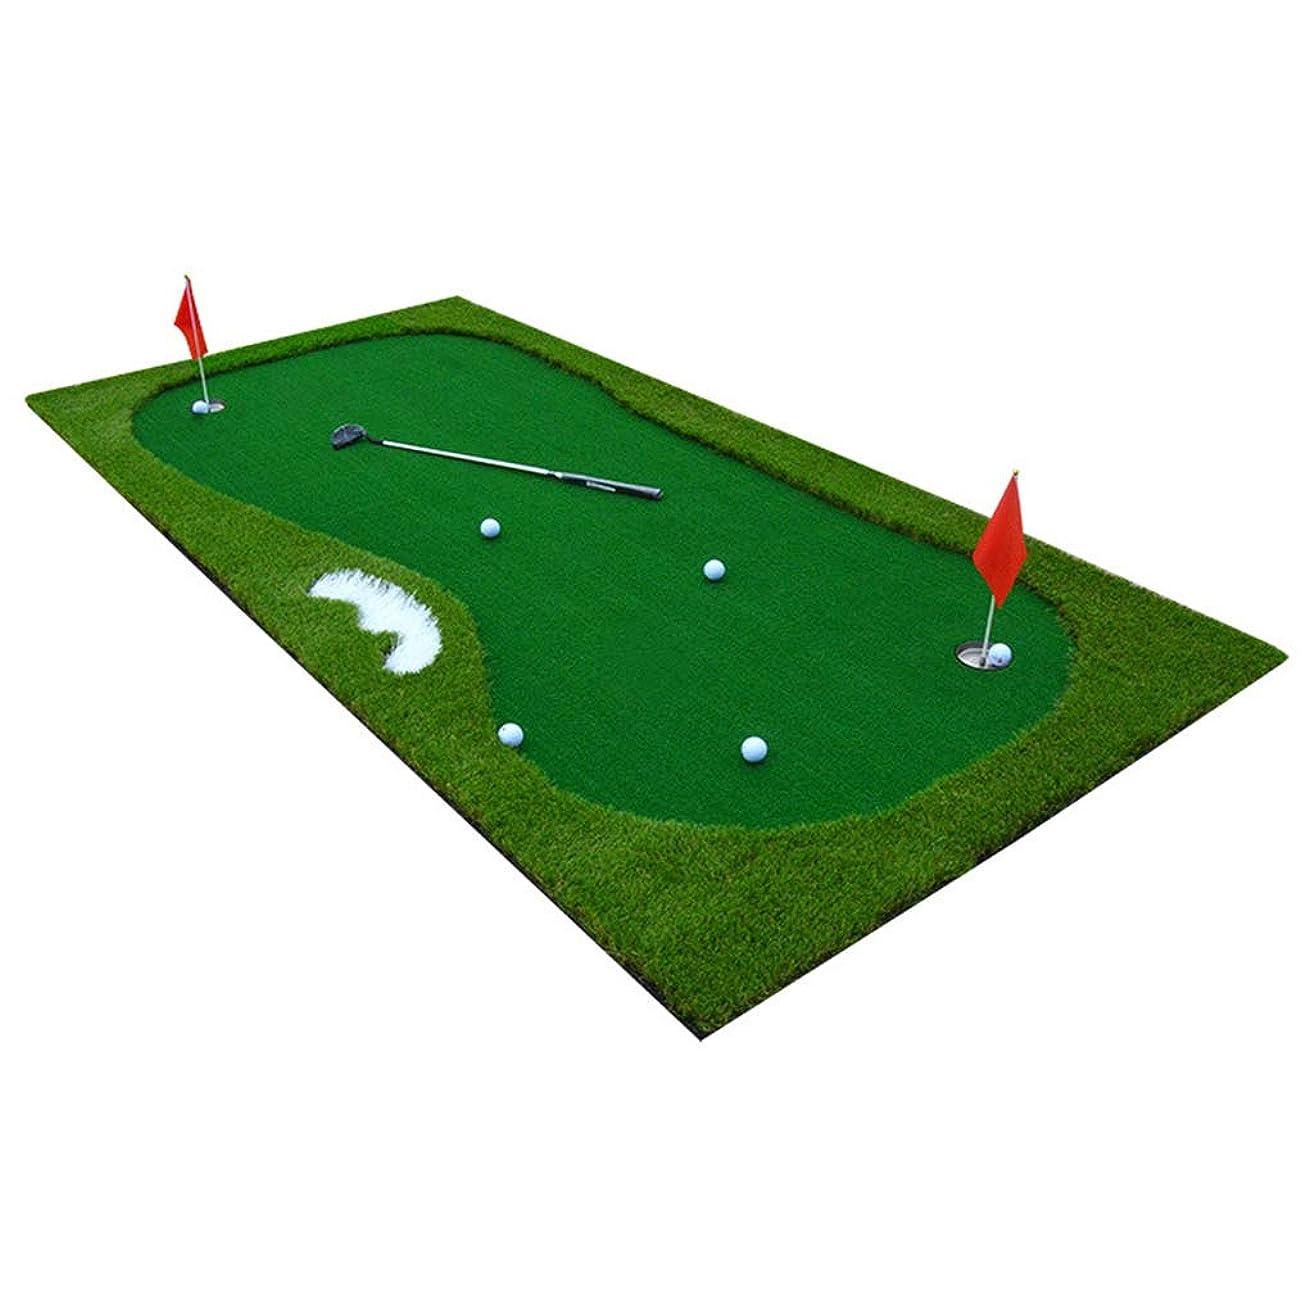 経験ピンポイント請う屋内 ゴルフ 緑 マットを置く パットトレーナー 事務所 ミニゴルフ練習毛布 トレーニング機器 スイングトレーナー 1X3m